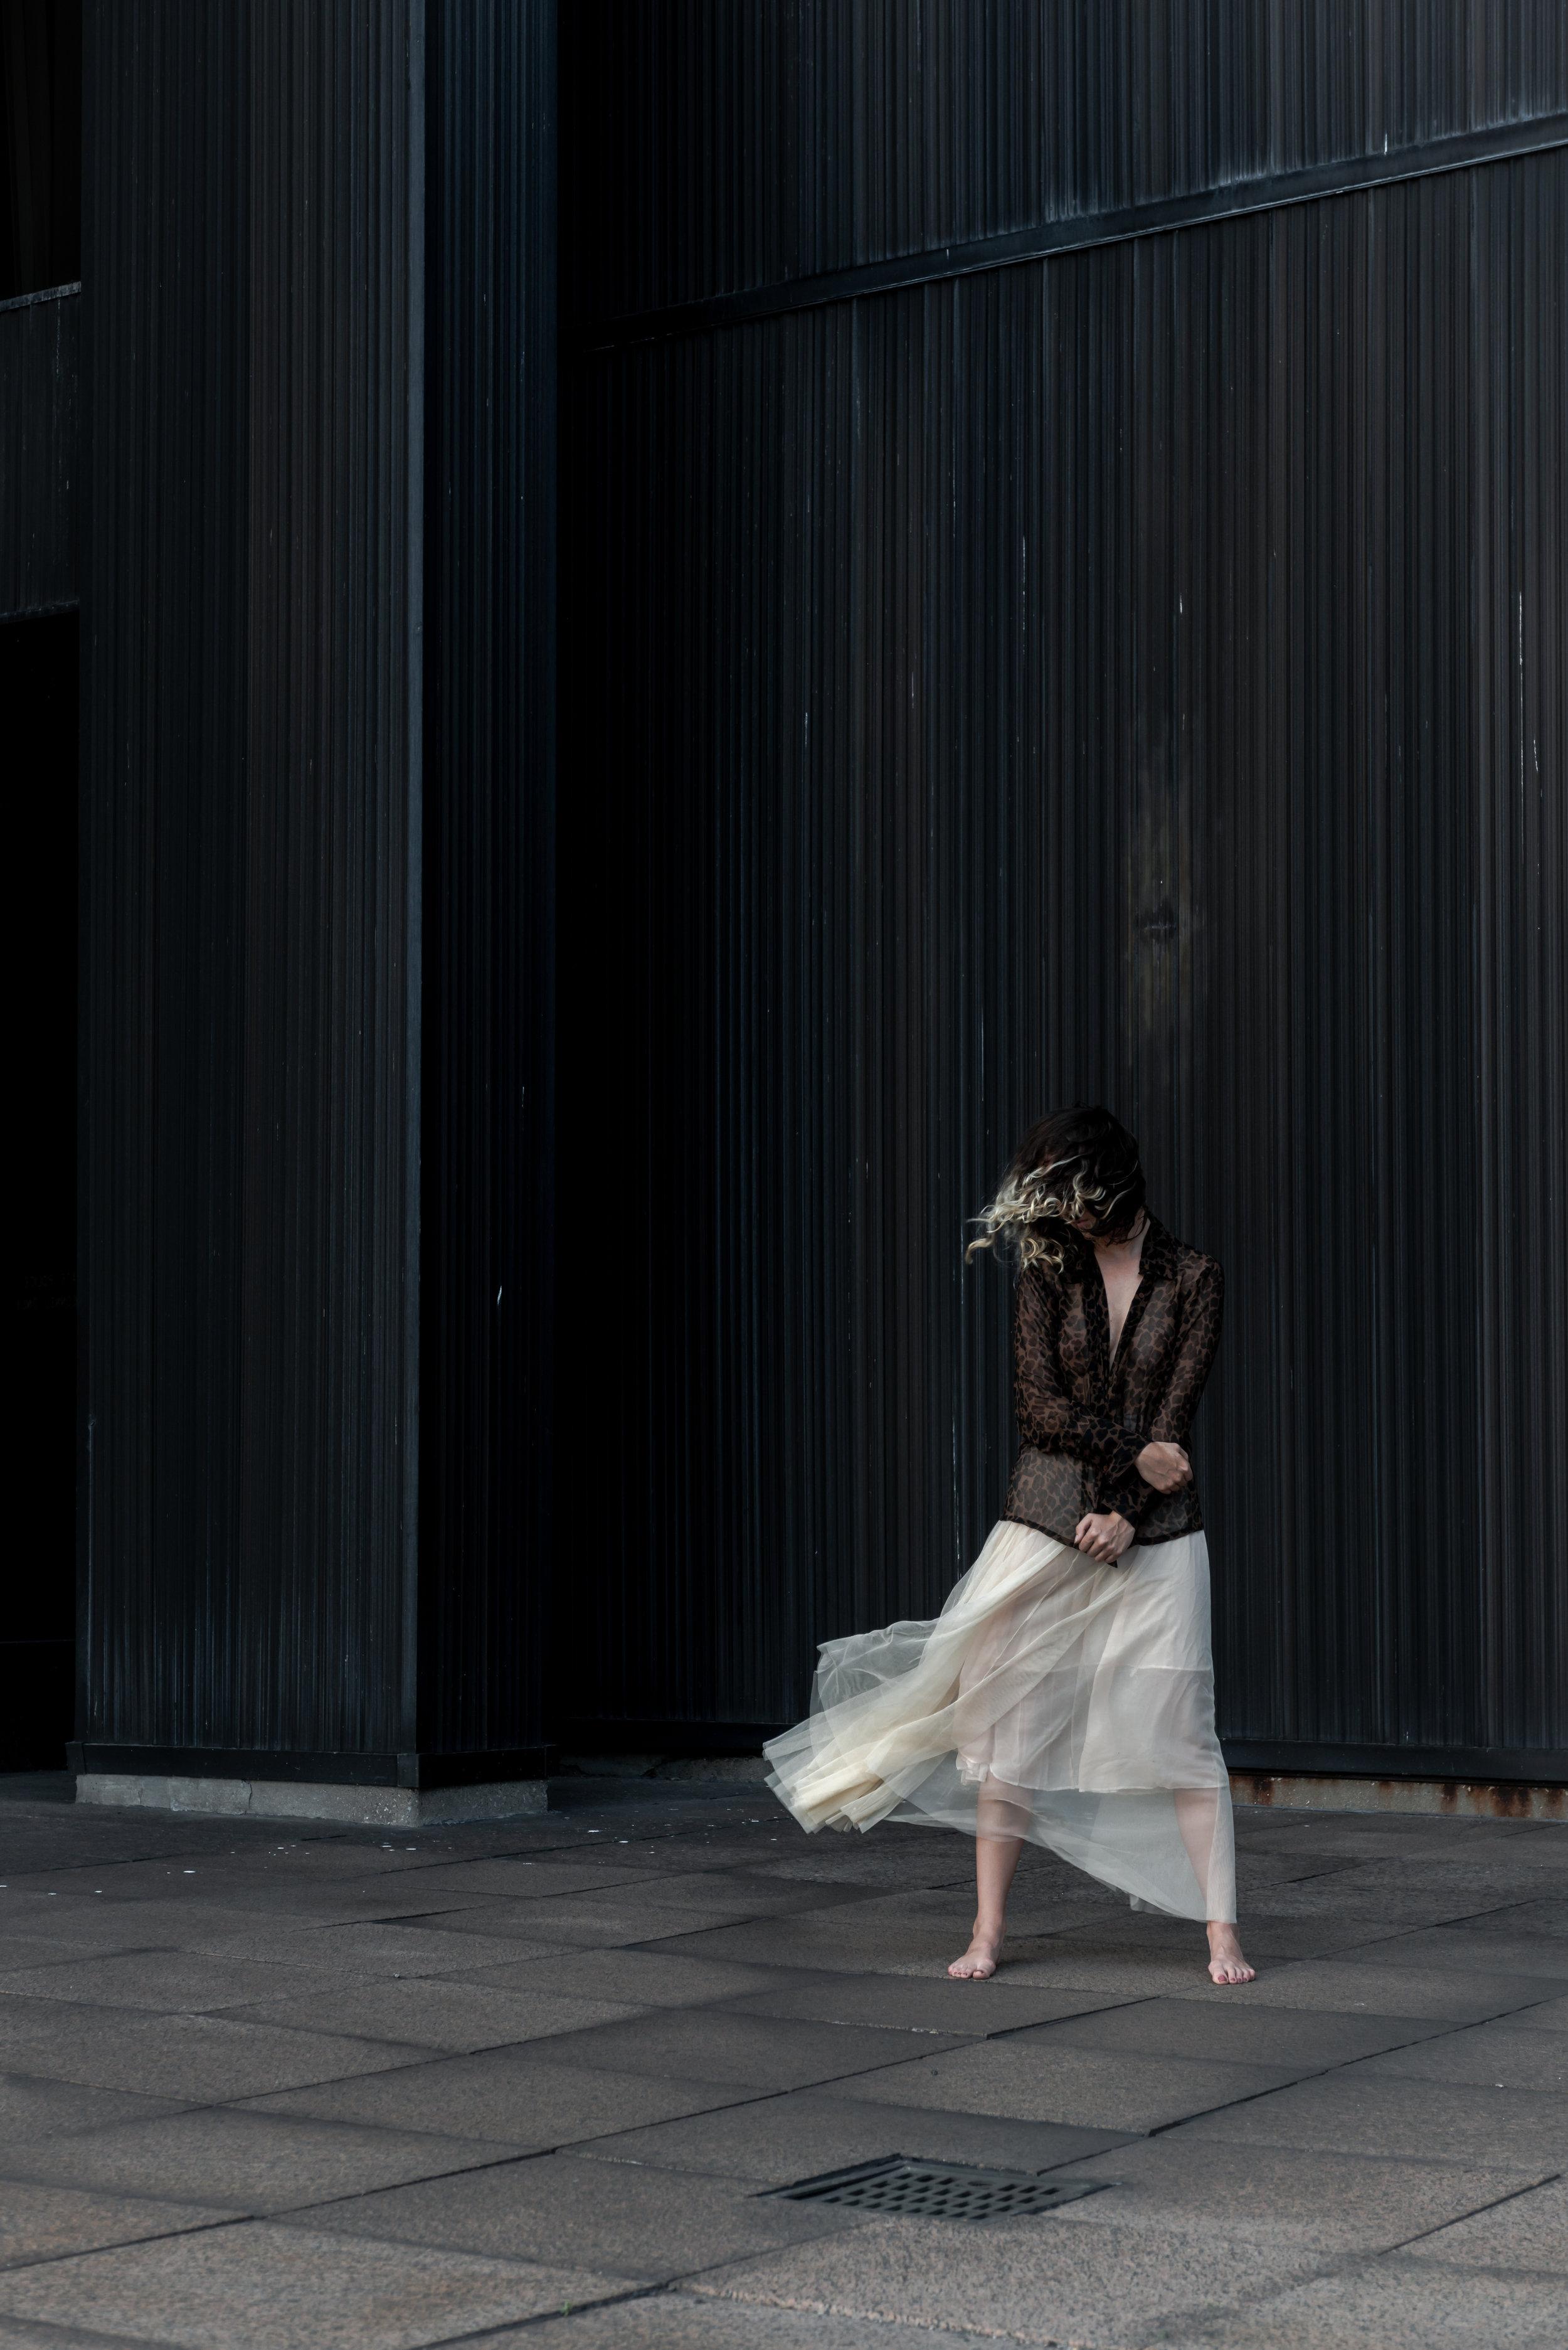 Alicia-1113812.jpg